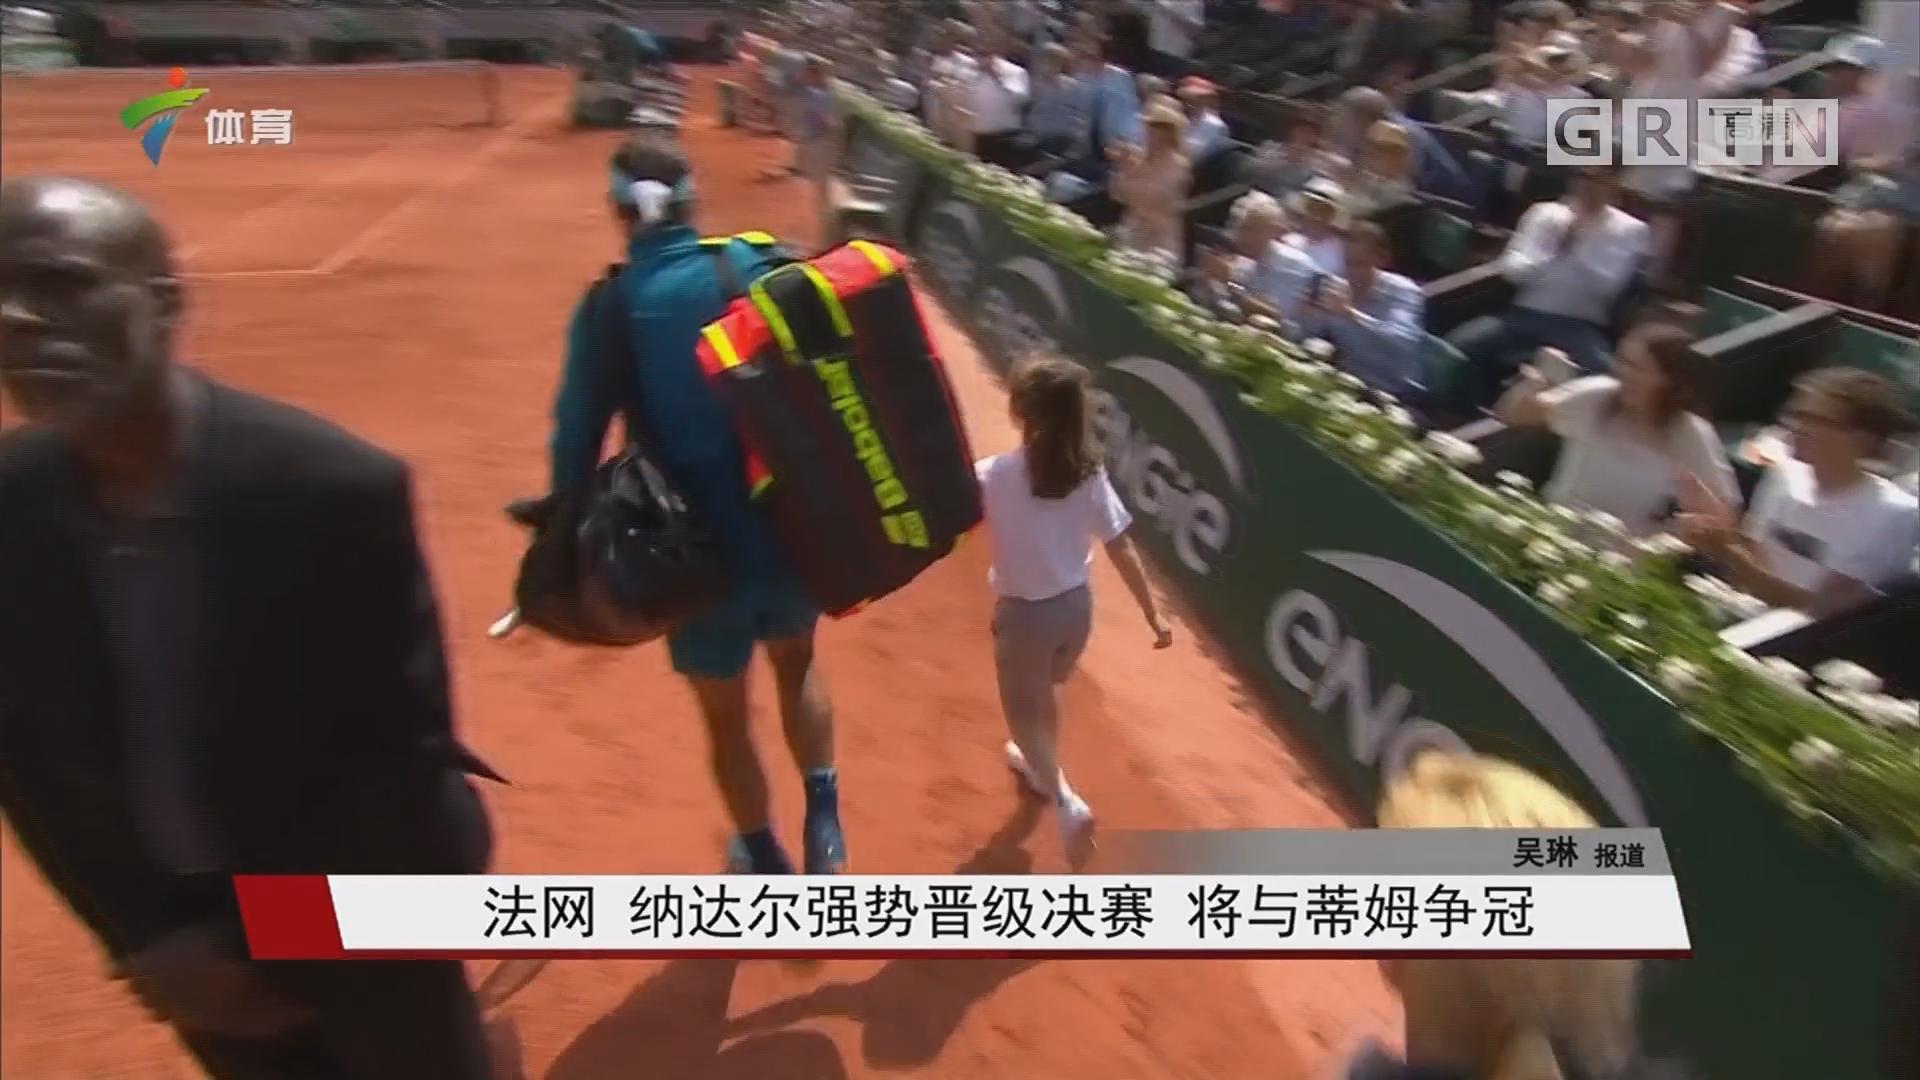 法网 纳达尔强势晋级决赛 将与蒂姆争冠